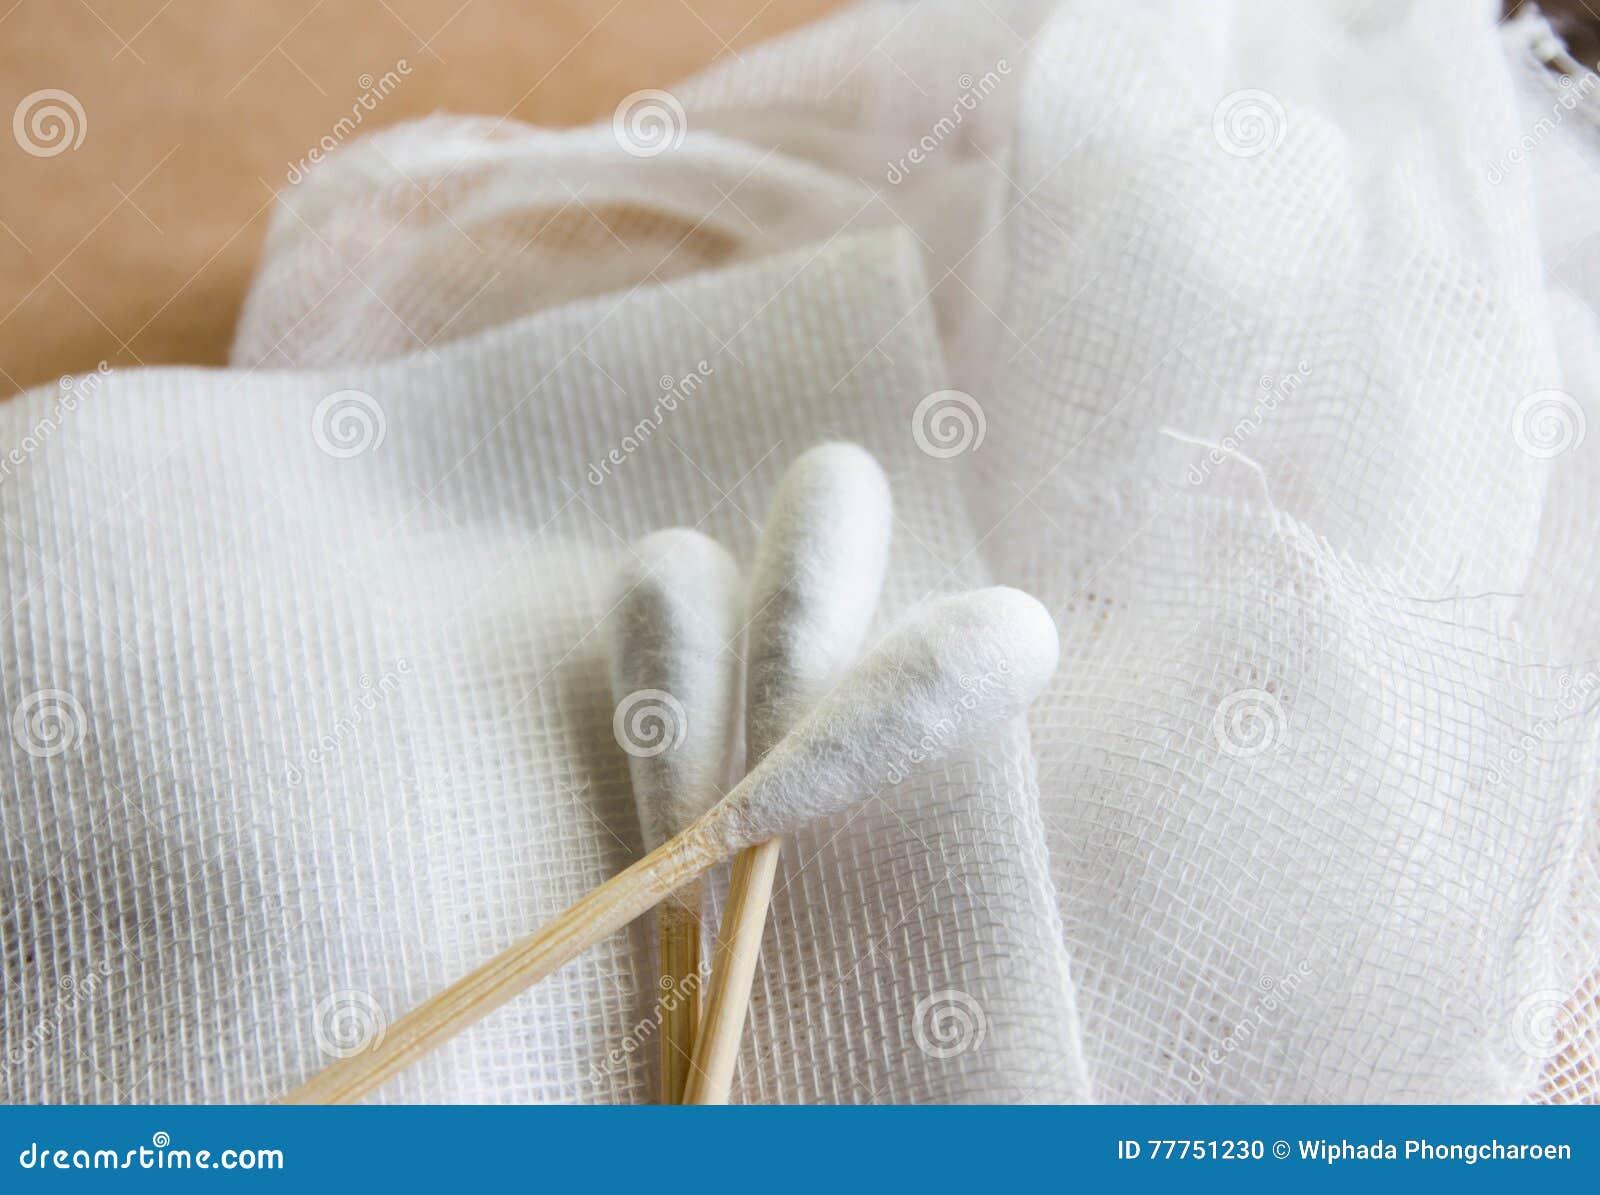 Bawełna z bandaża zdyszanym opatrunkiem ale